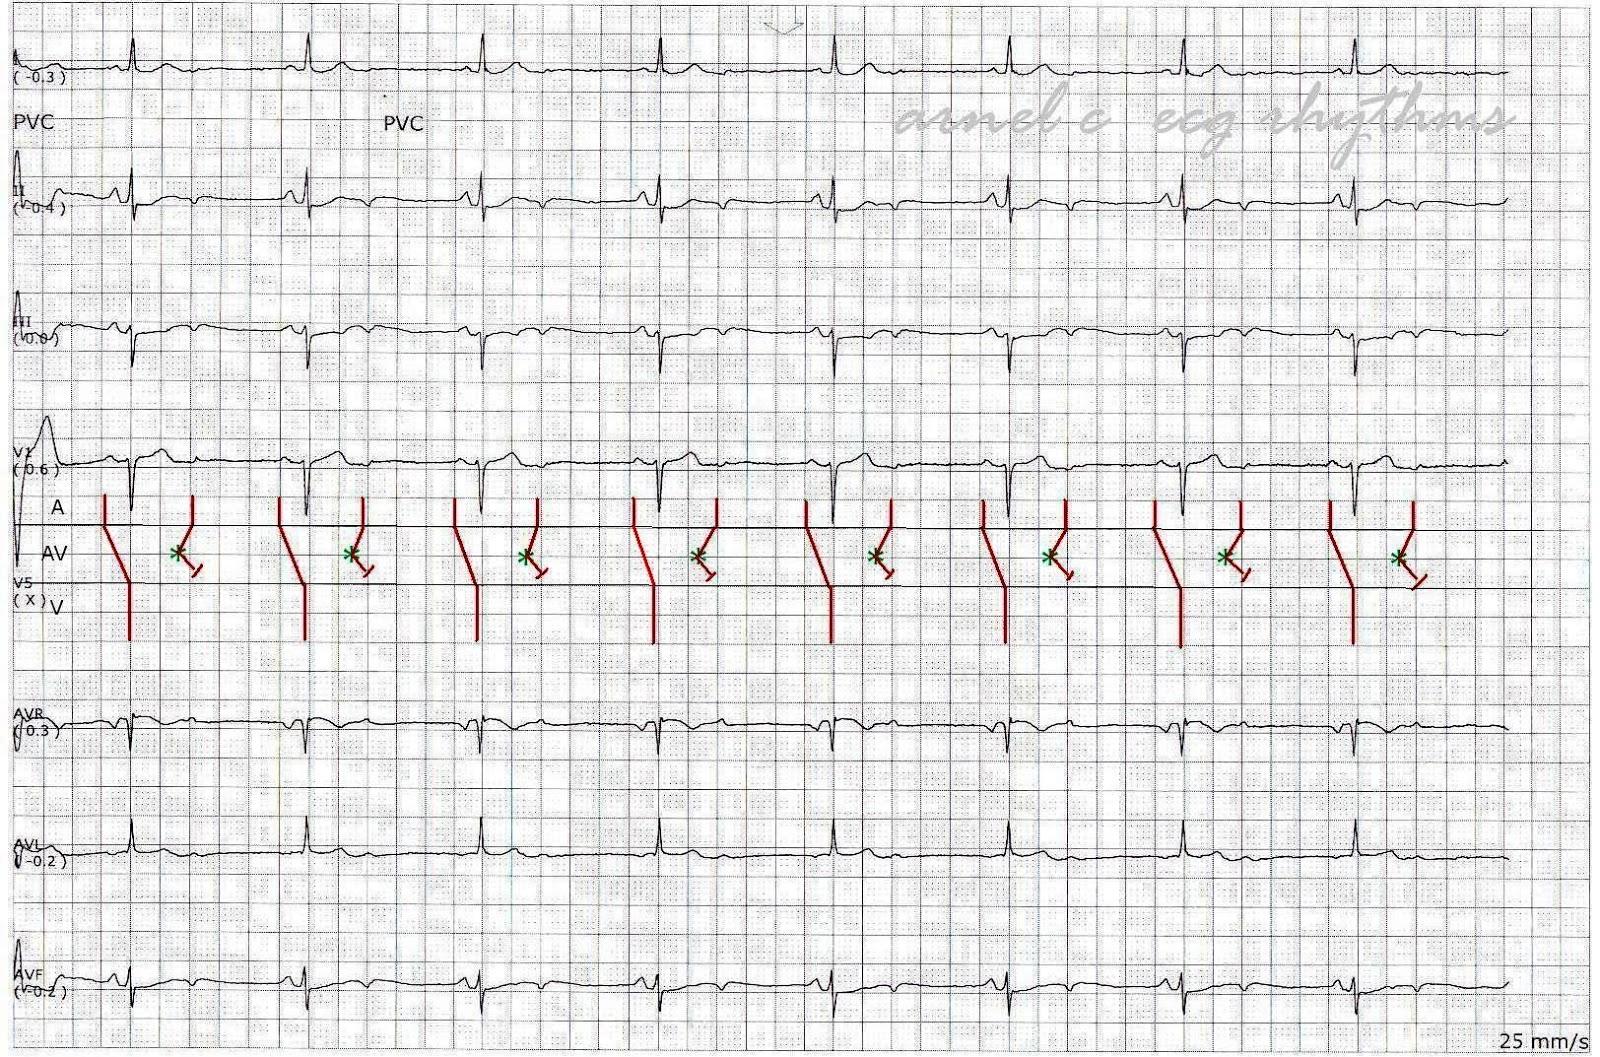 ecg rhythms  a rare cause of bradycardia  non